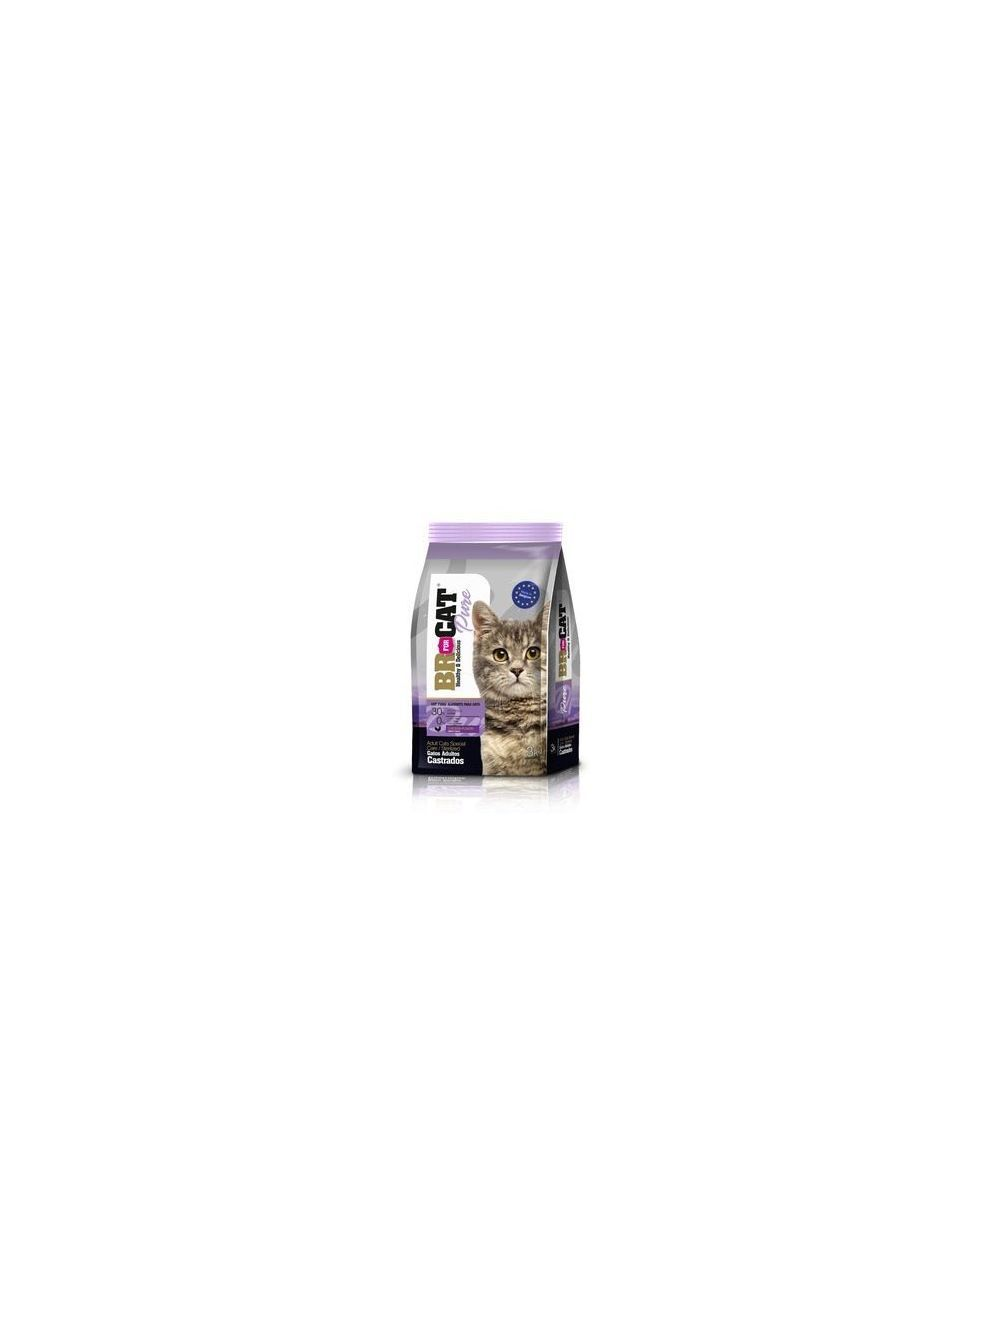 Br For Cat Gato Castrado 1 Kg - Ciudaddemascotas.com